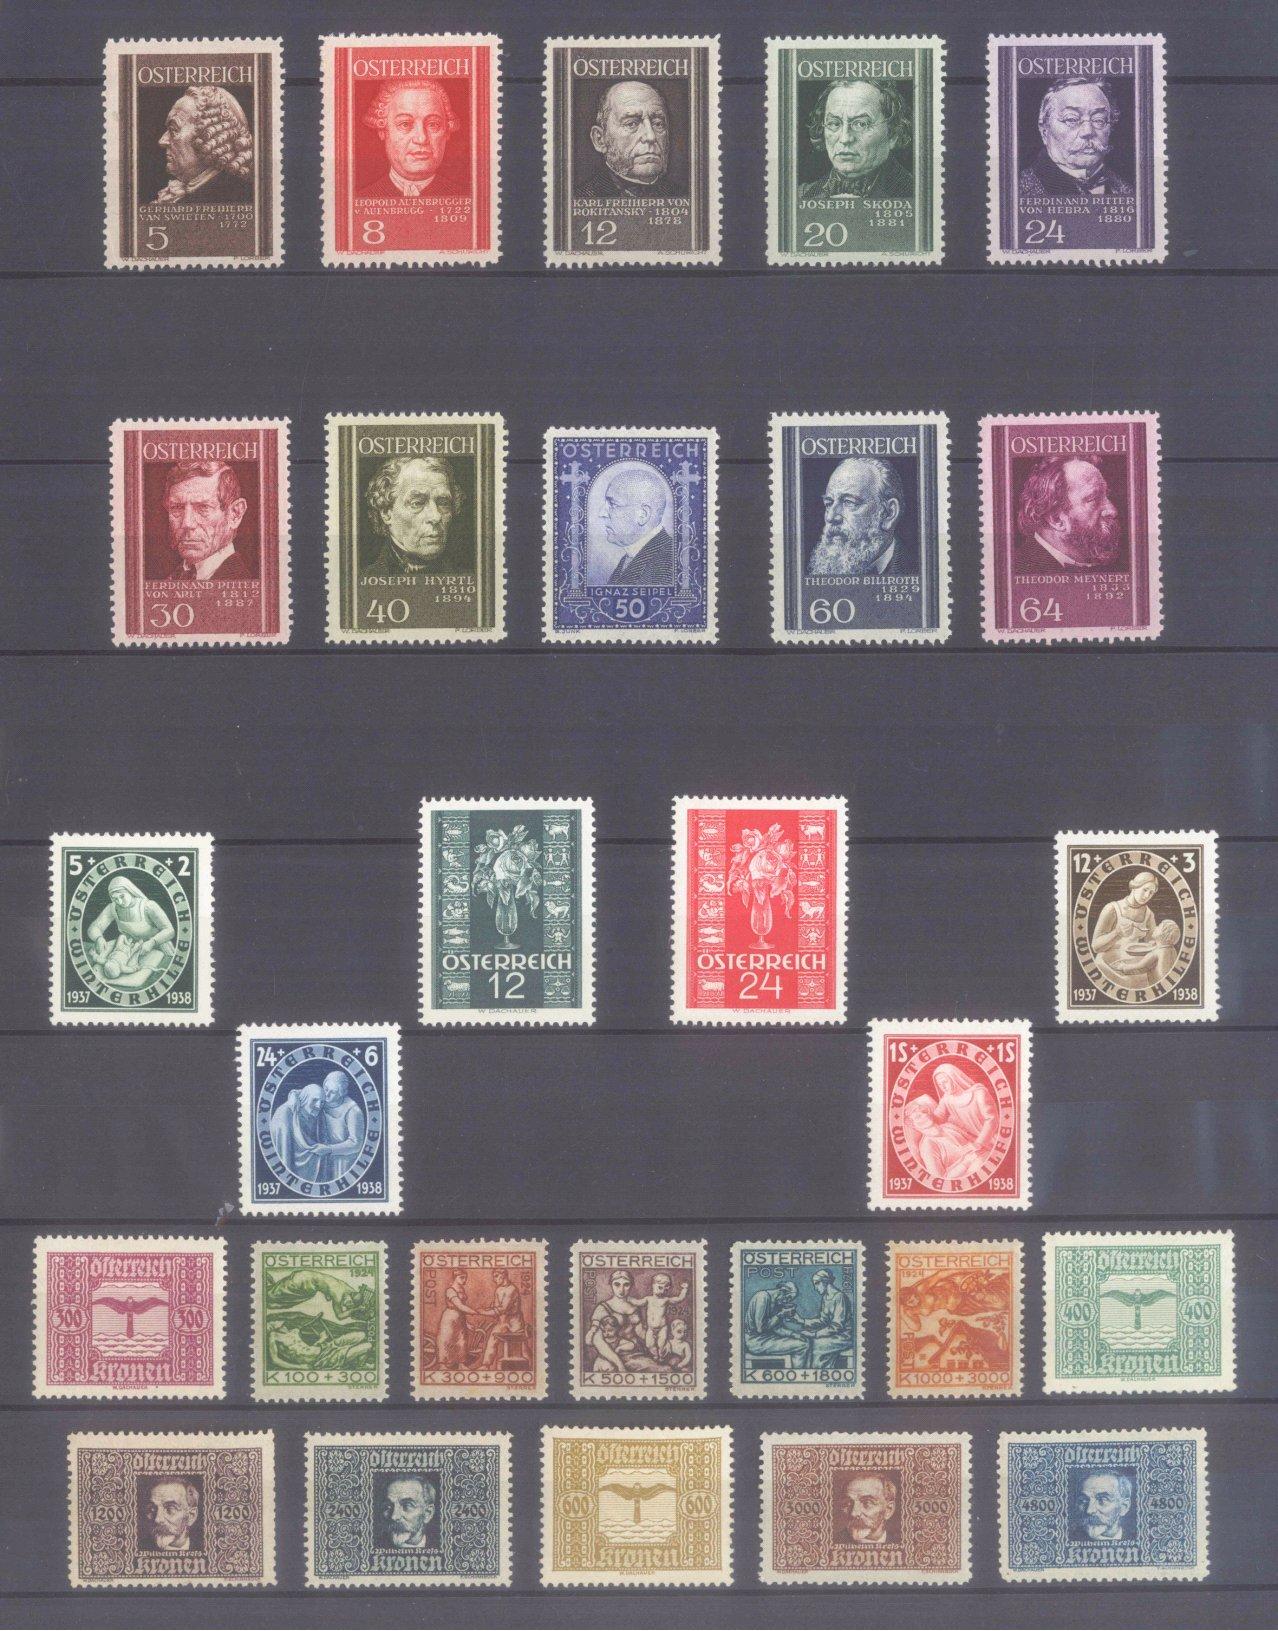 ÖSTERREICH 1922-1937